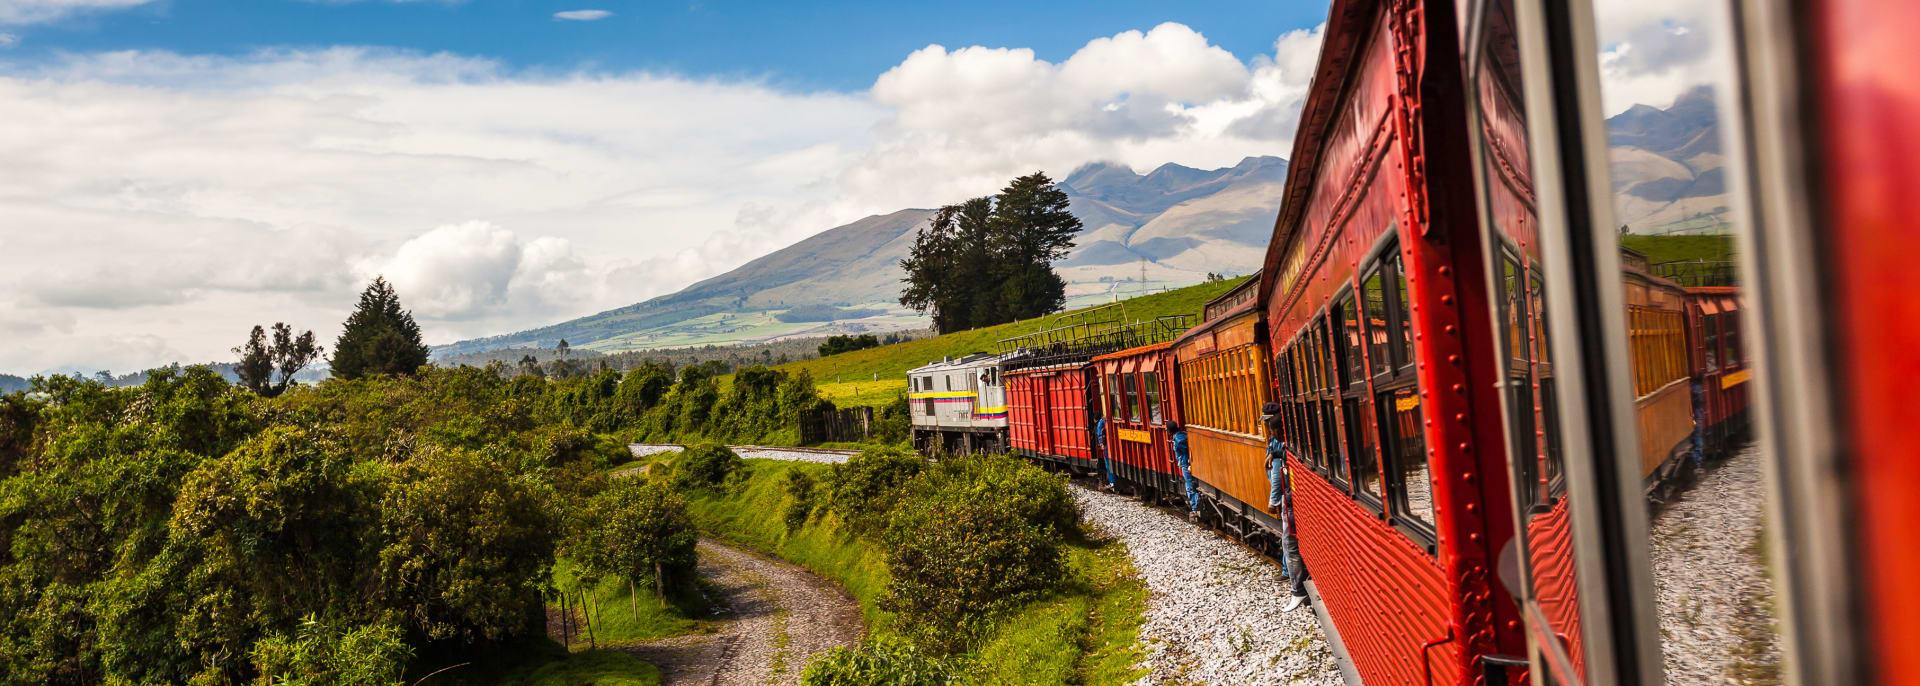 Eisenbahn, Sierra, Ecuador